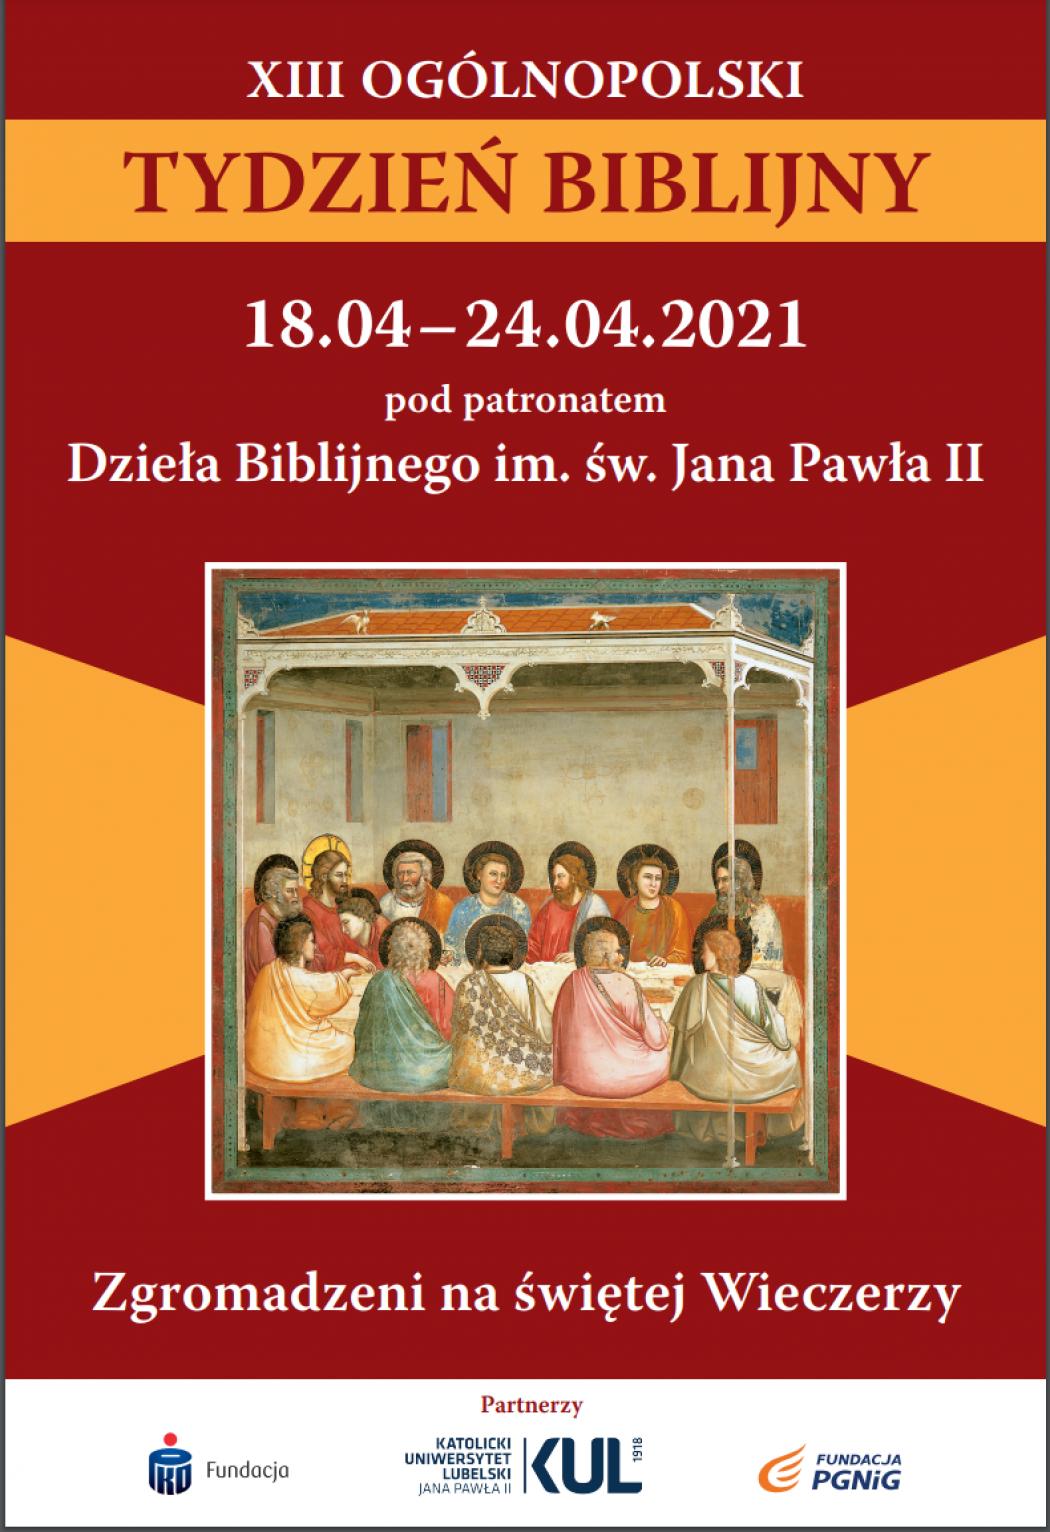 Dzieło Biblijne | Kościół Szczecińsko-kamieński